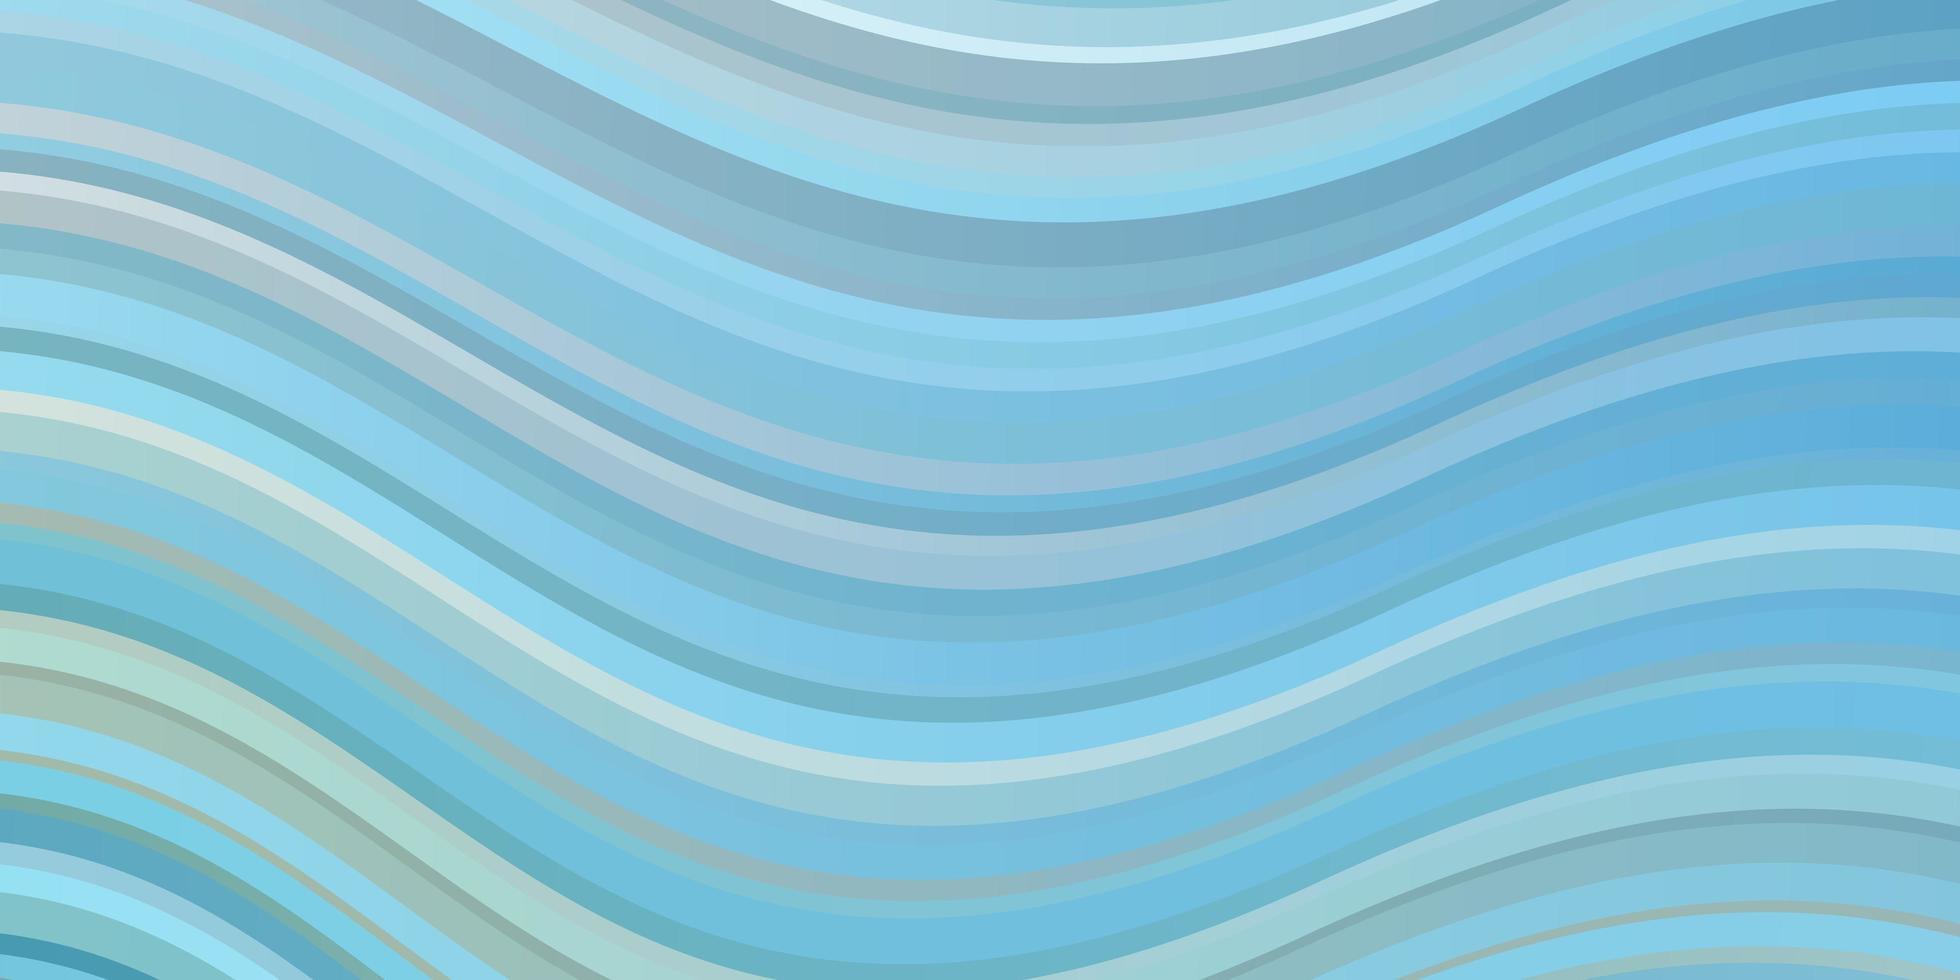 lichtblauwe, groene vectortextuur met wrange lijnen. vector